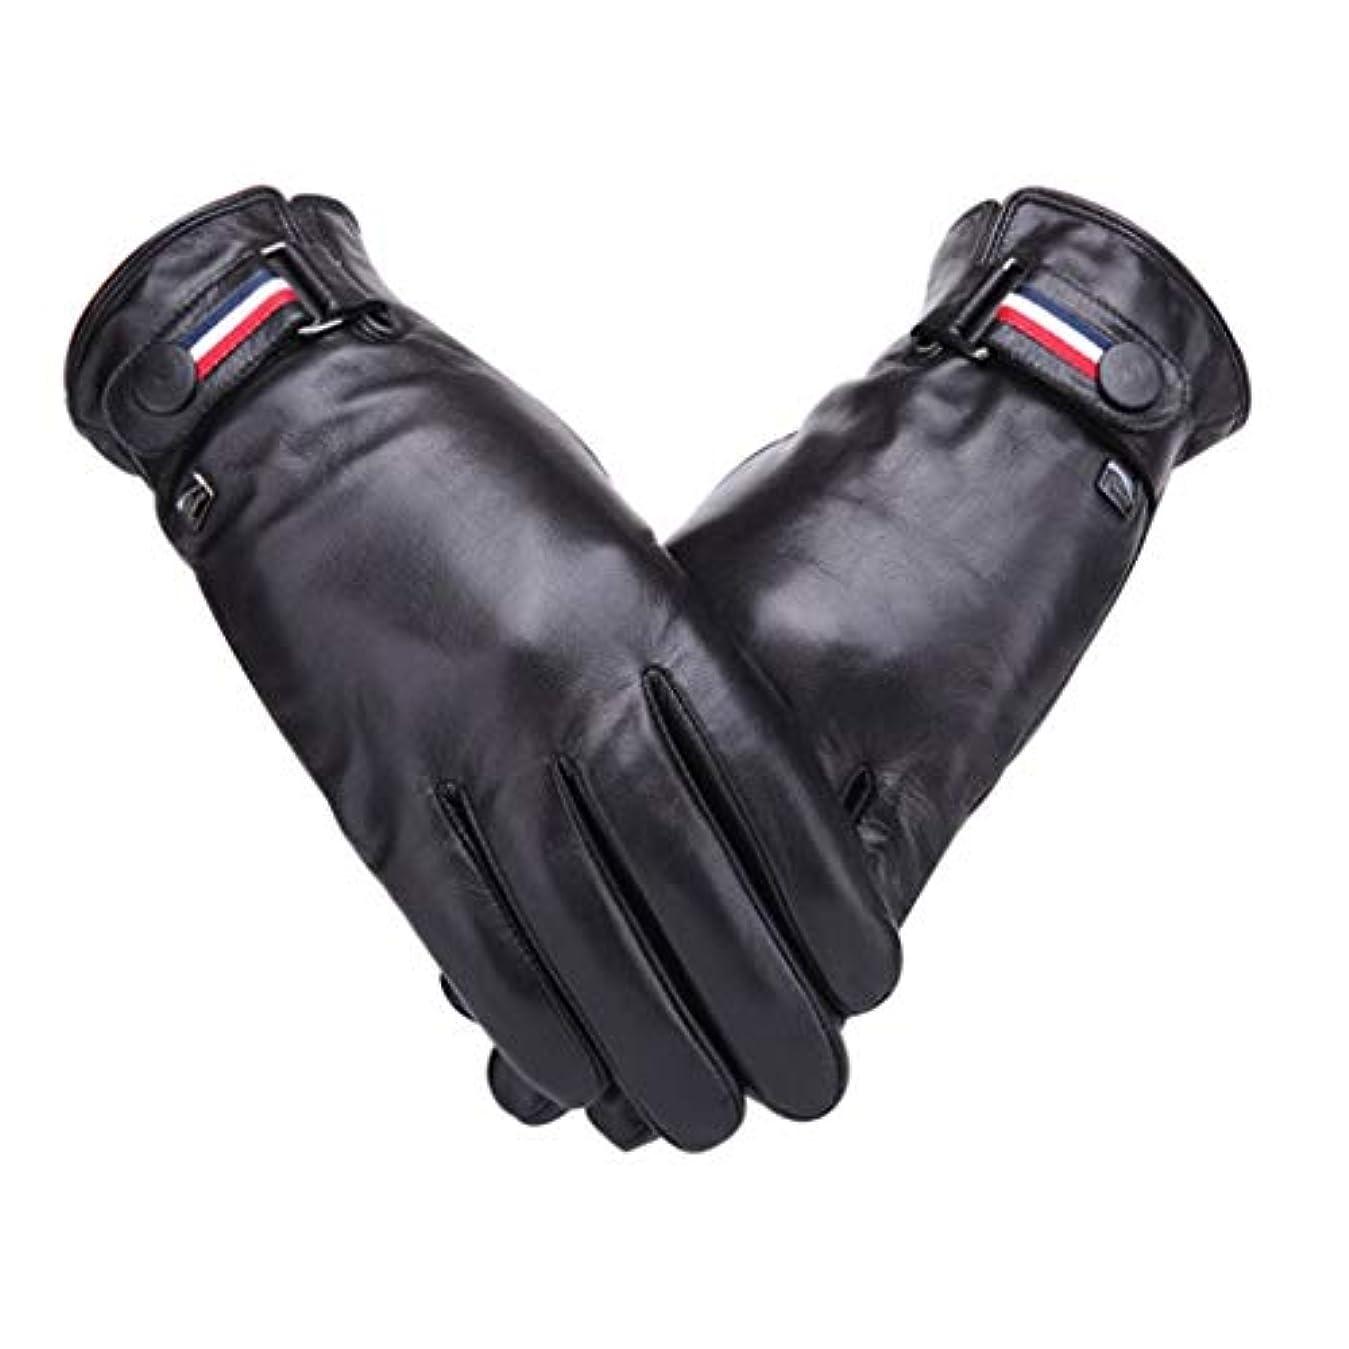 みがきますアマチュア哲学者羊皮の手袋の男性秋と冬のサイクリングwindproof暖かいプラスベルベットの肥厚の男性の手袋